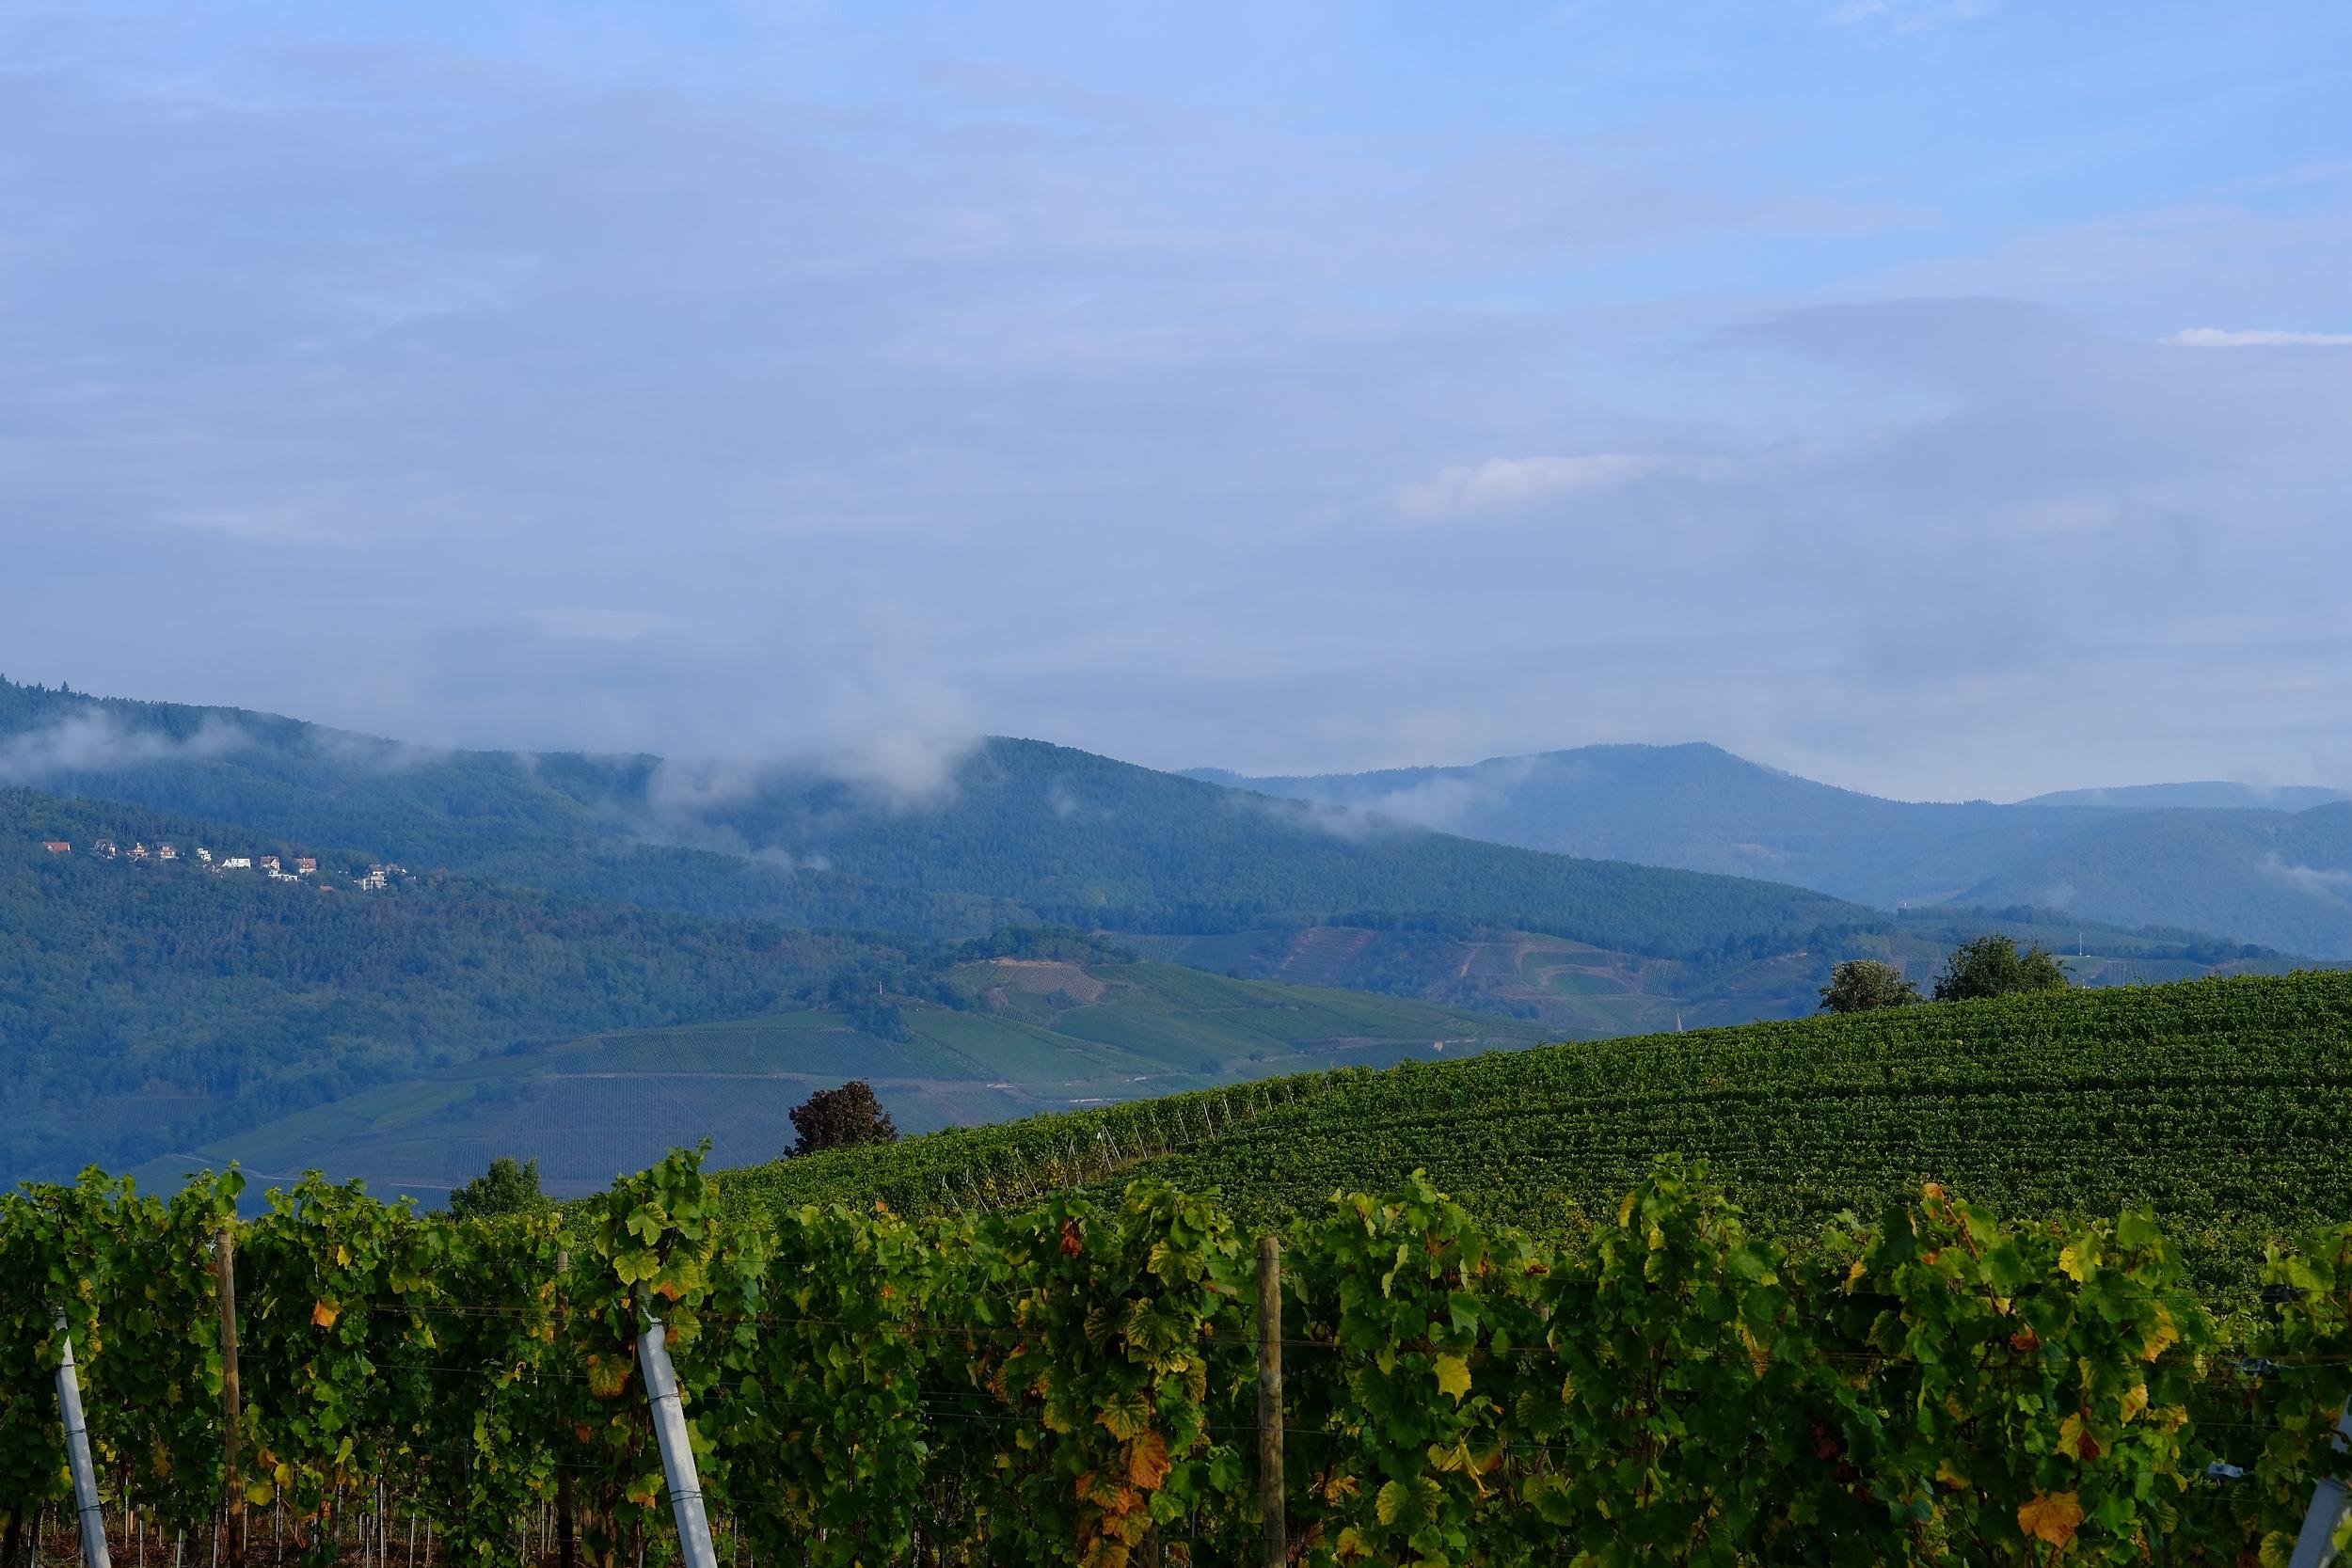 fotoreportage-wijn produceren-Vignoble des 2 lunes-Bosman Wijnkopers-456.jpg